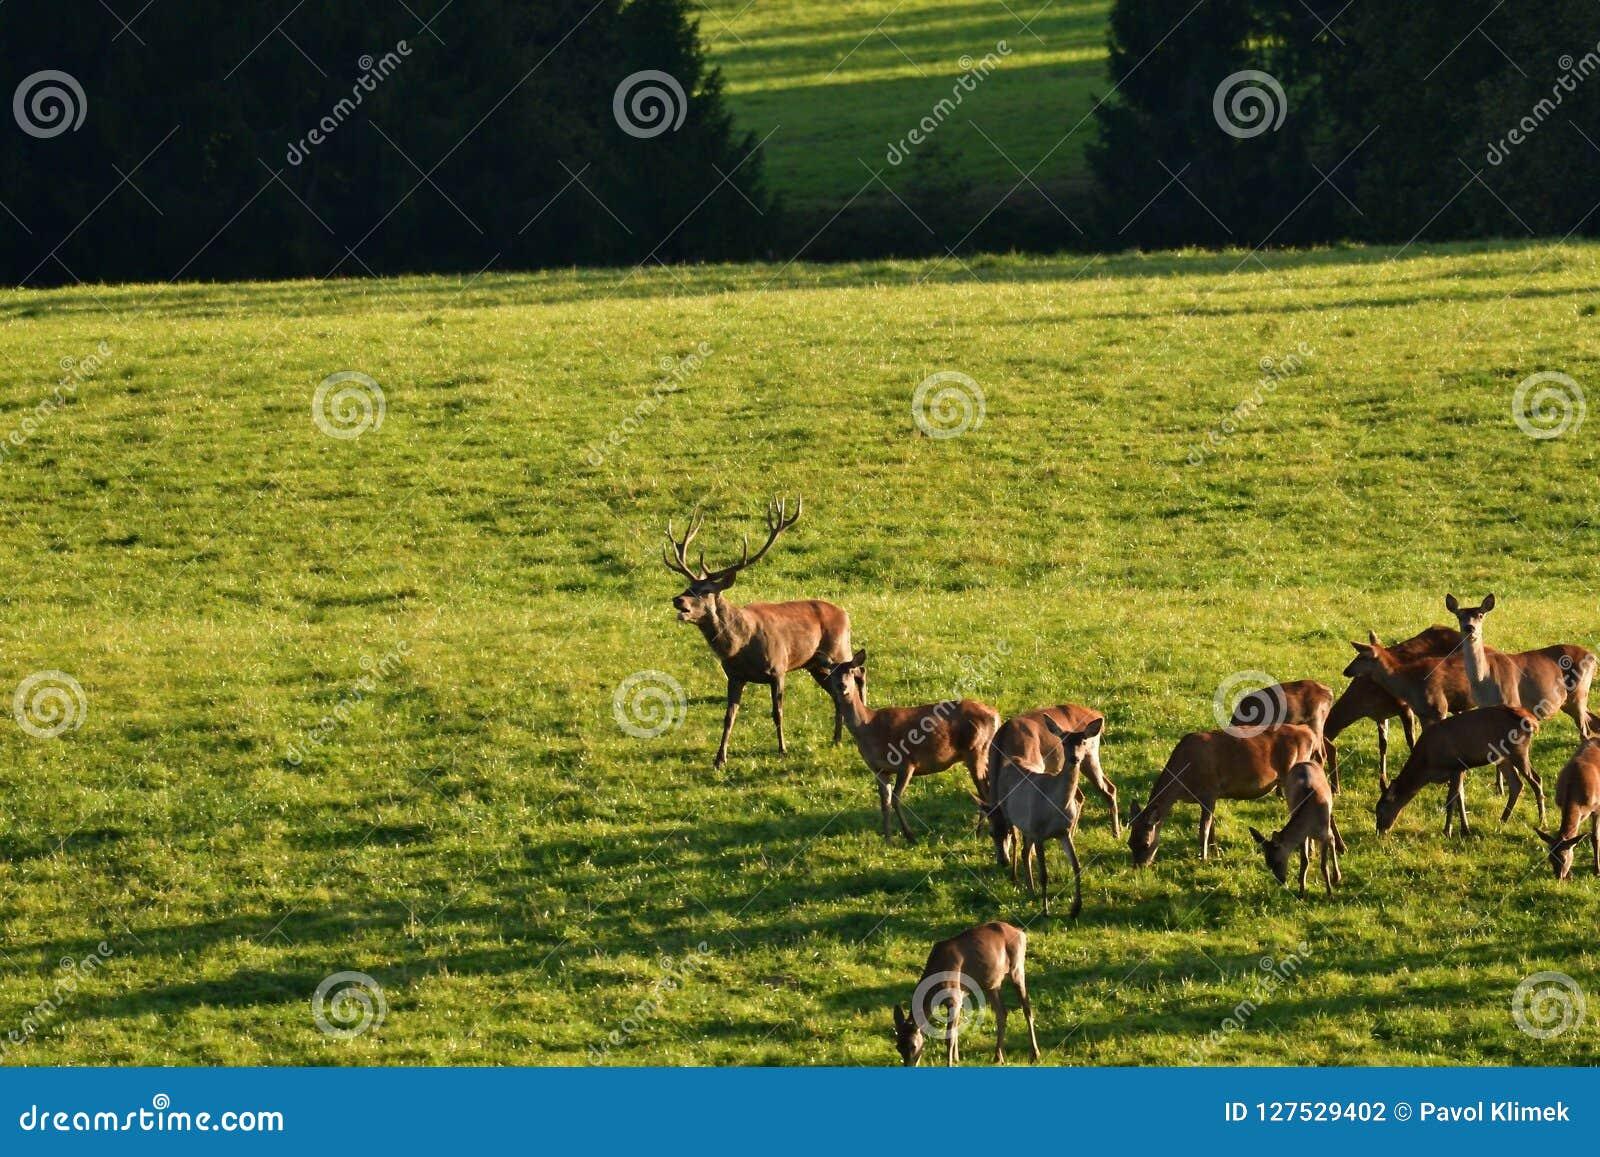 Олень живой природы защищает и держит наблюдать табуна deerskin во время колейности на луге